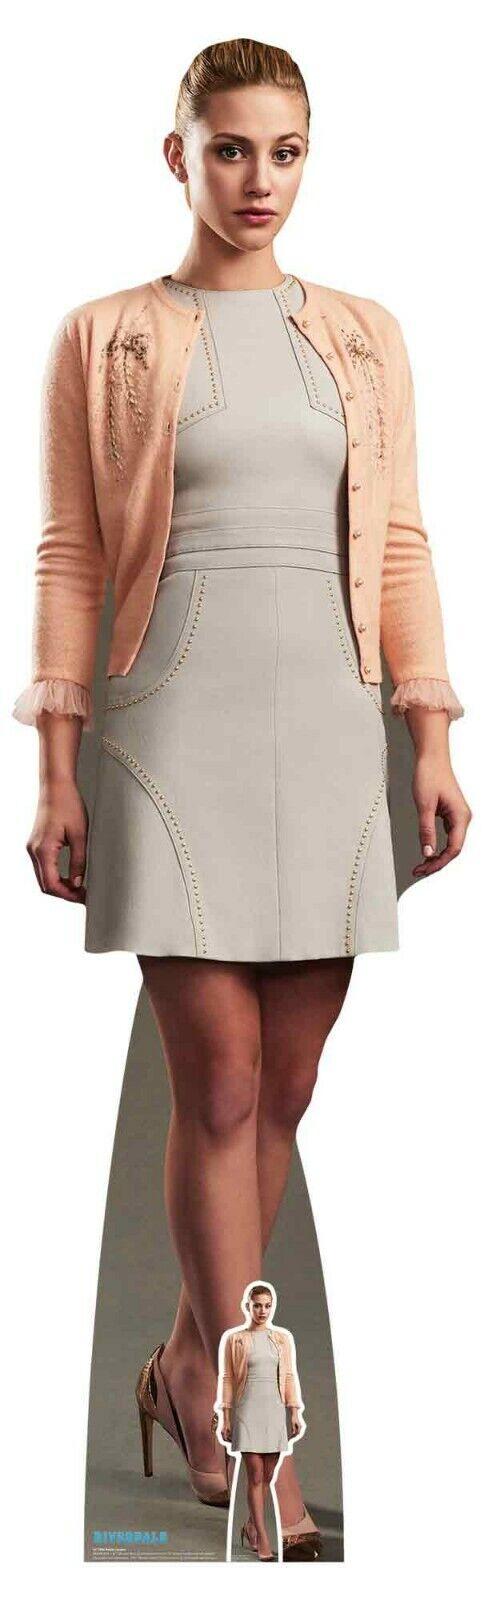 Betty Cooper von Riverdale Offiziell Lebensgröße und Mini Karton Ausschnitt